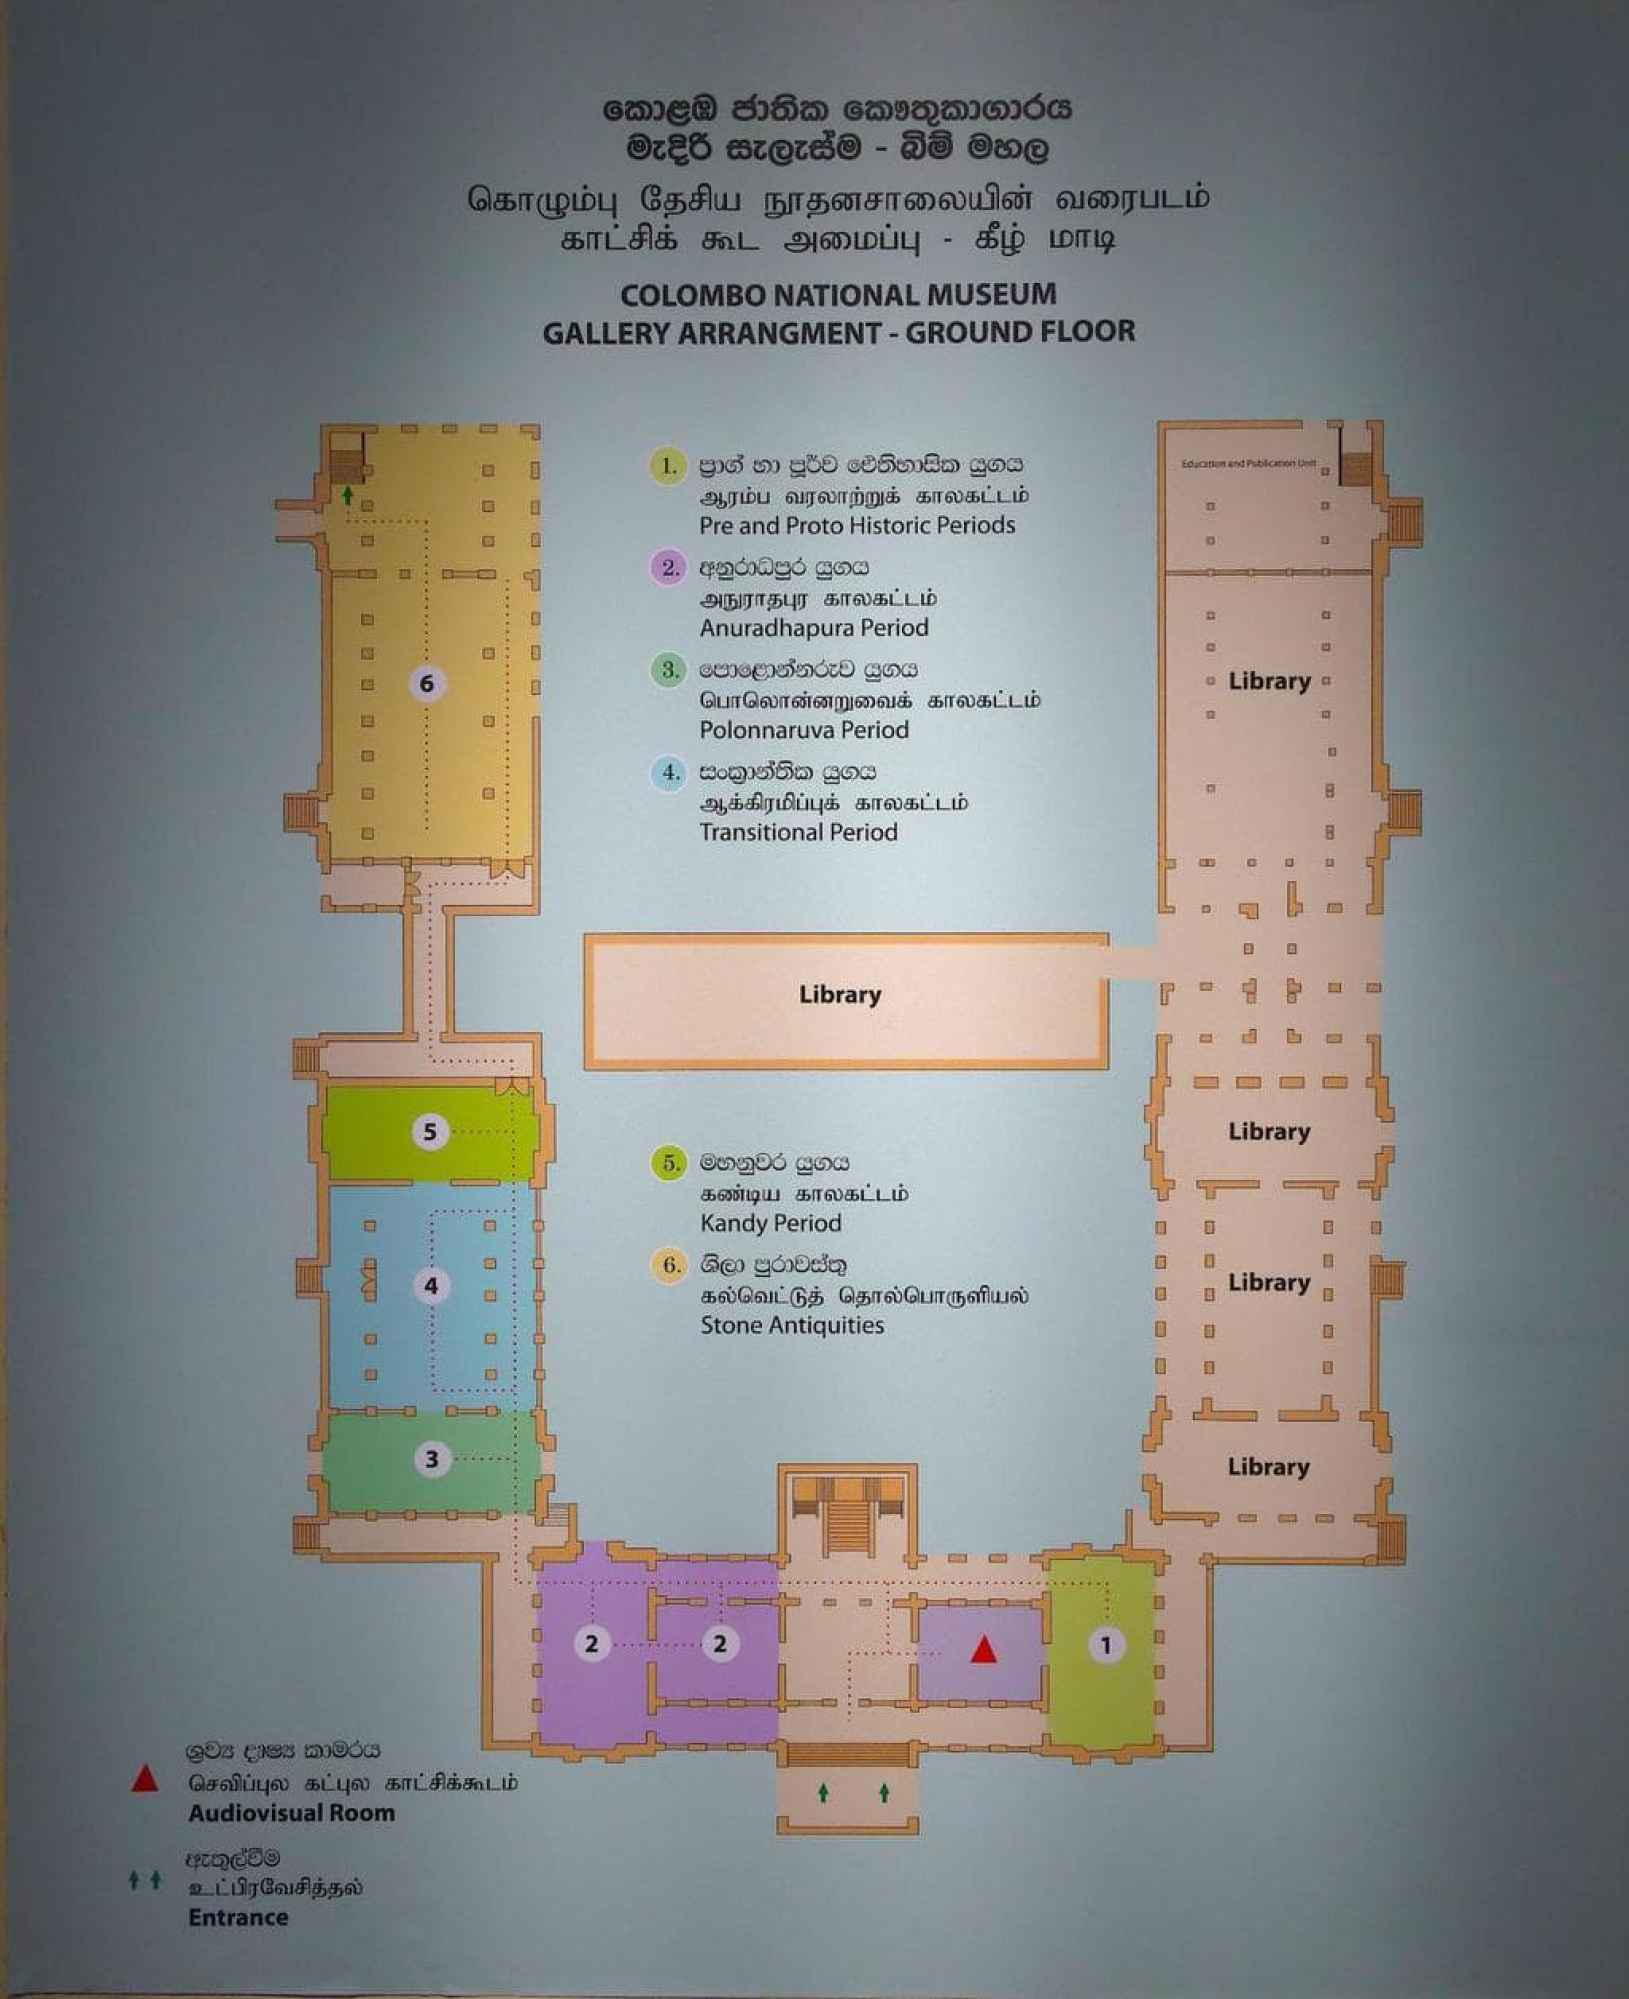 Floor plan ground floor of the National Museum